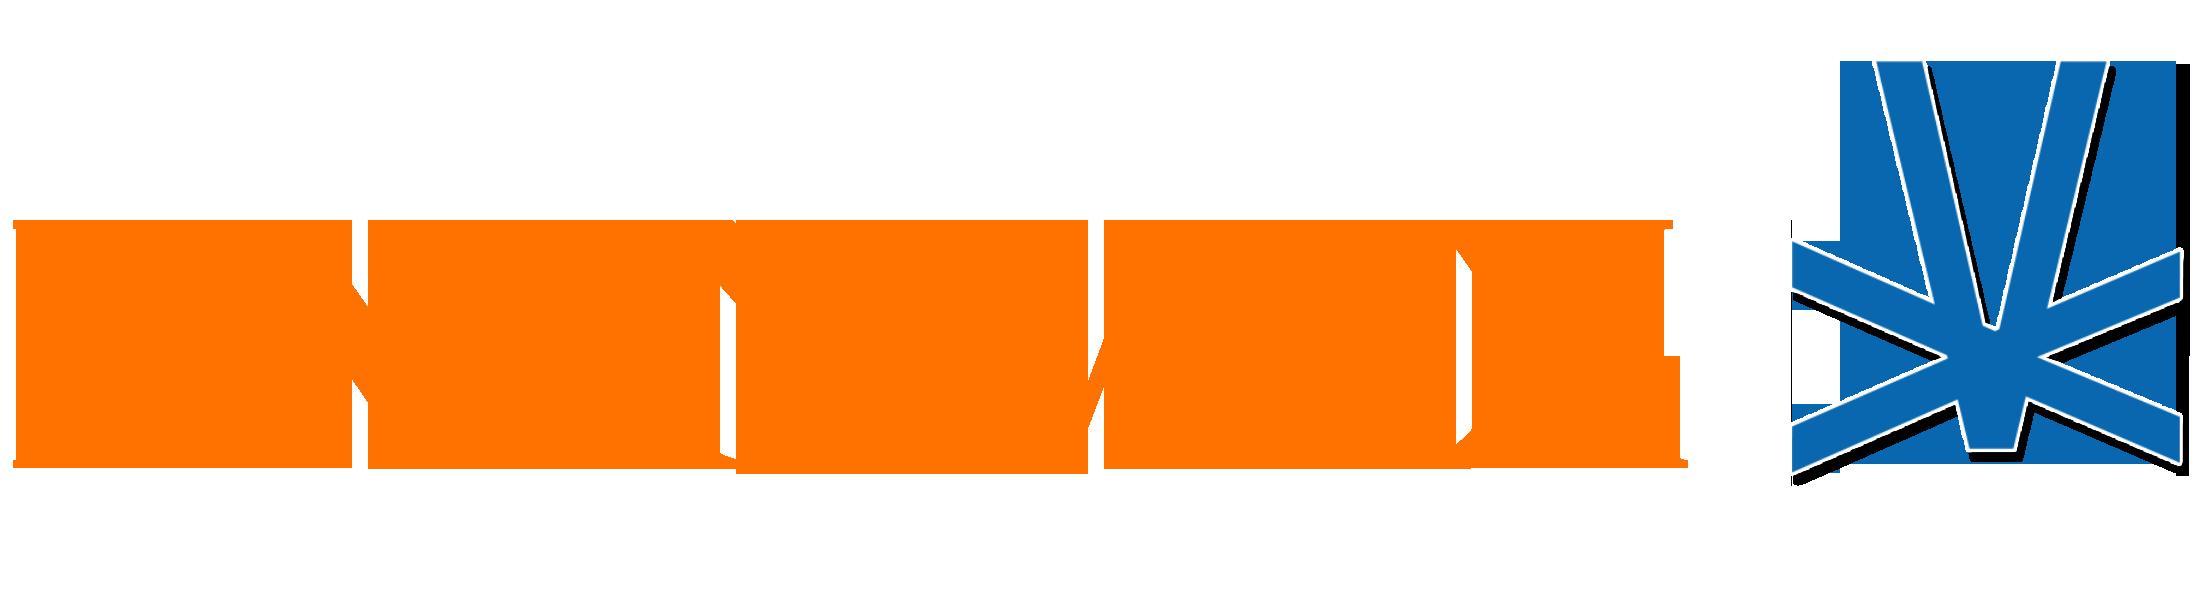 Exinvex